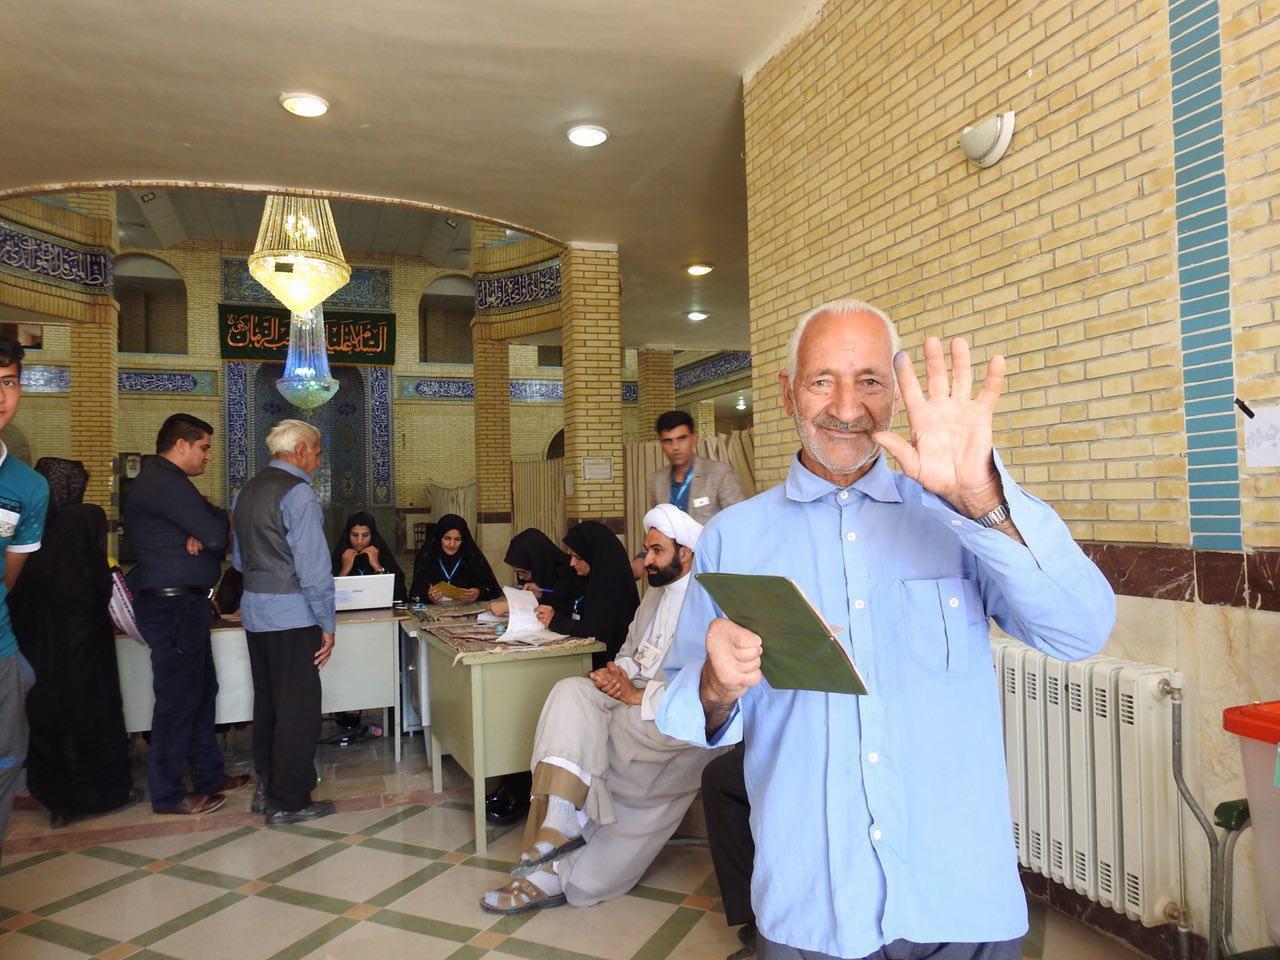 میزان مشارکت بالای مردم شهربابک در انتخابات